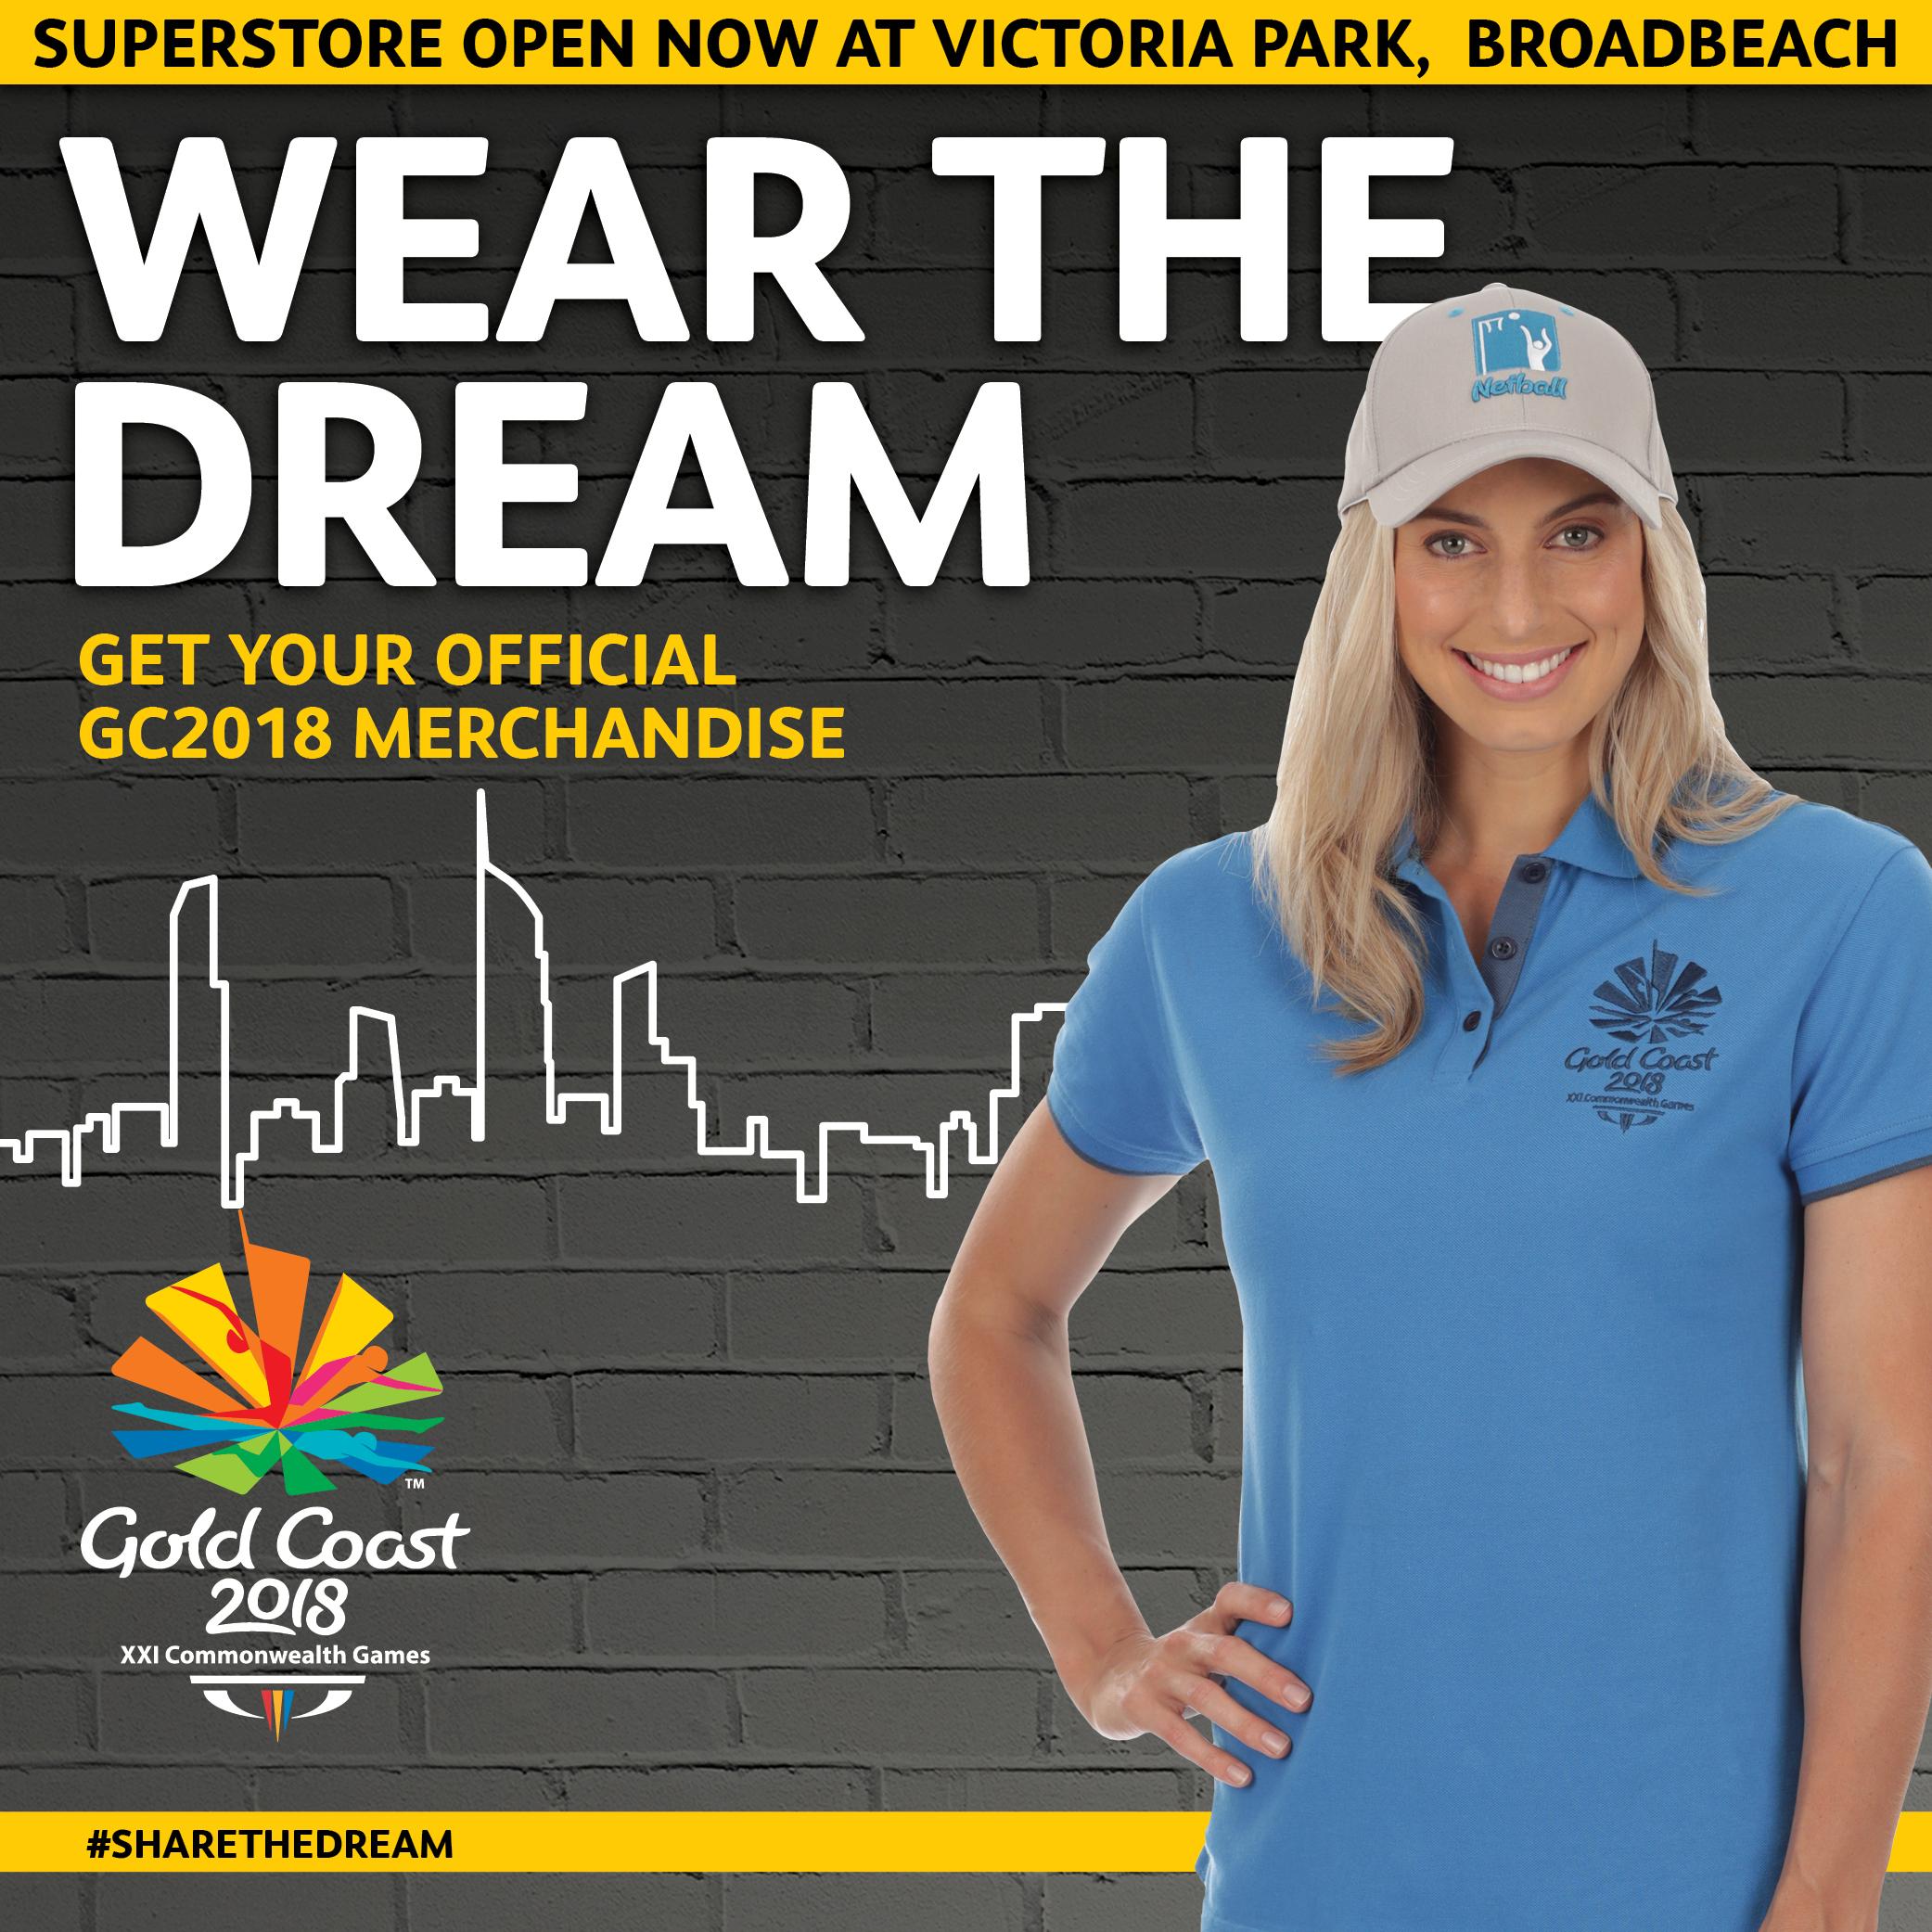 Ambassador Merch campaign